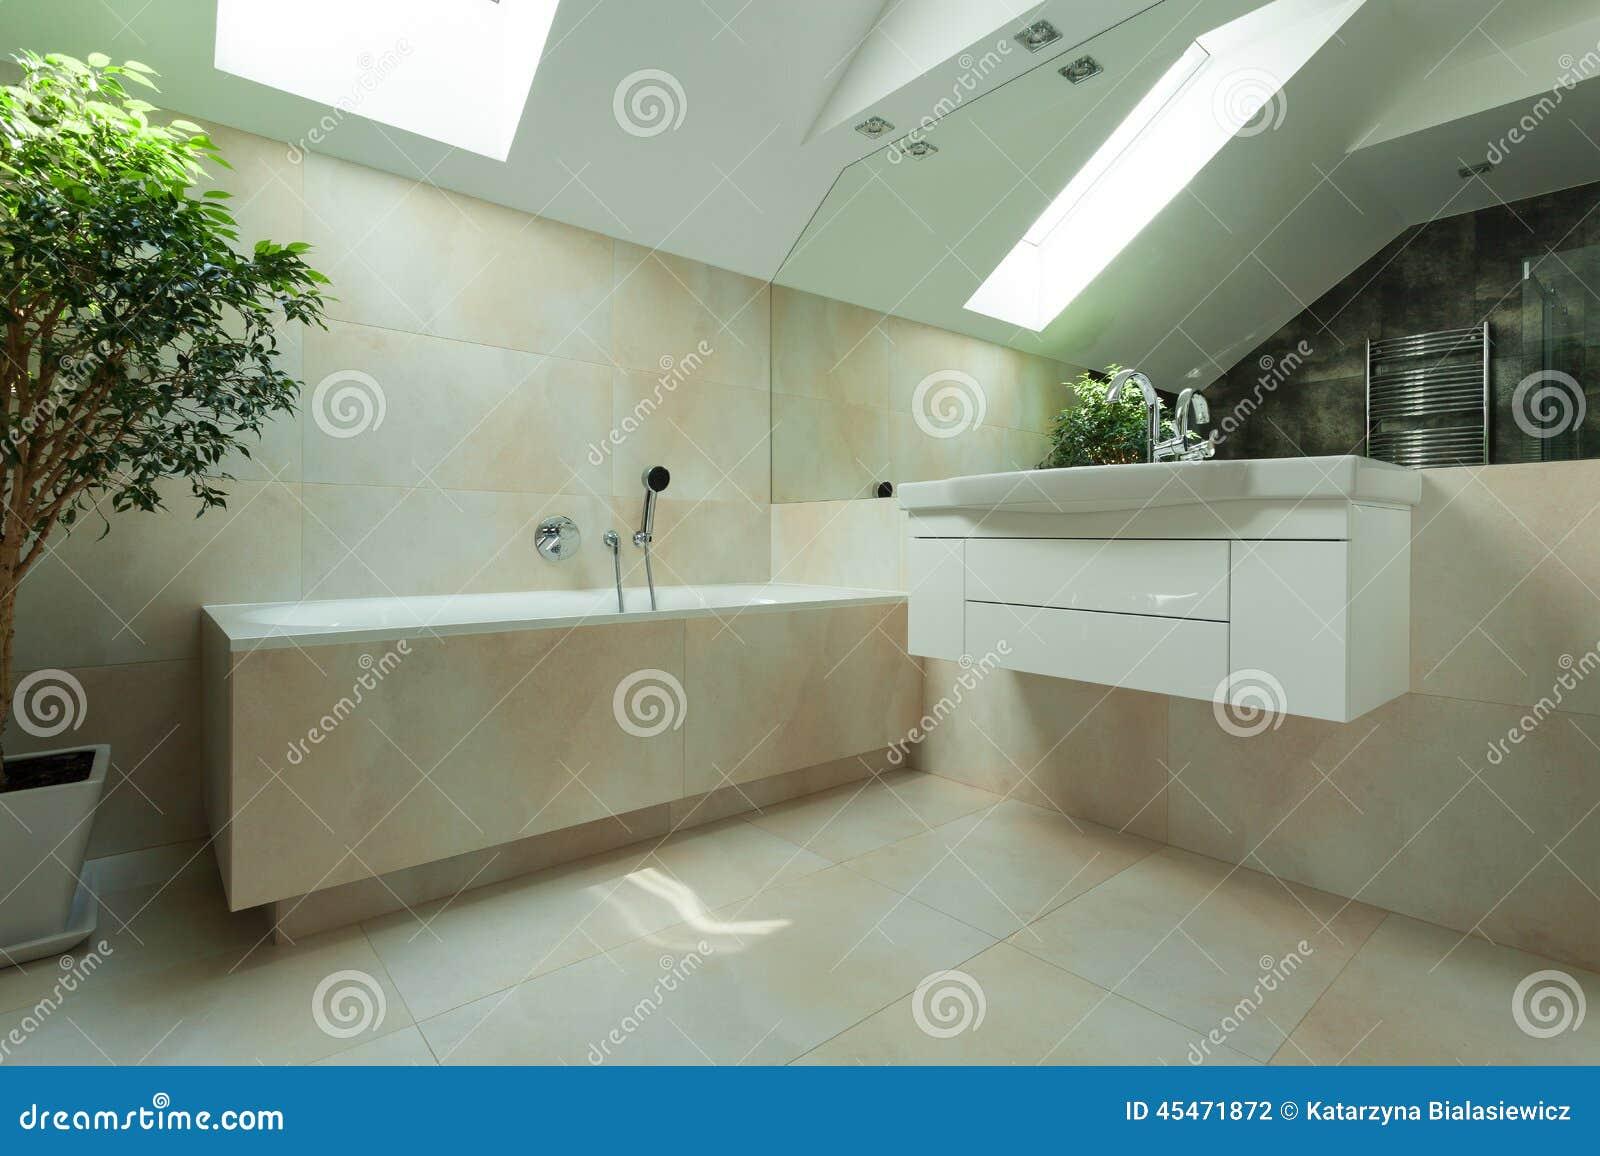 Download Badezimmer Im Dachboden Stockfoto. Bild Von Bequem, Belichtet    45471872